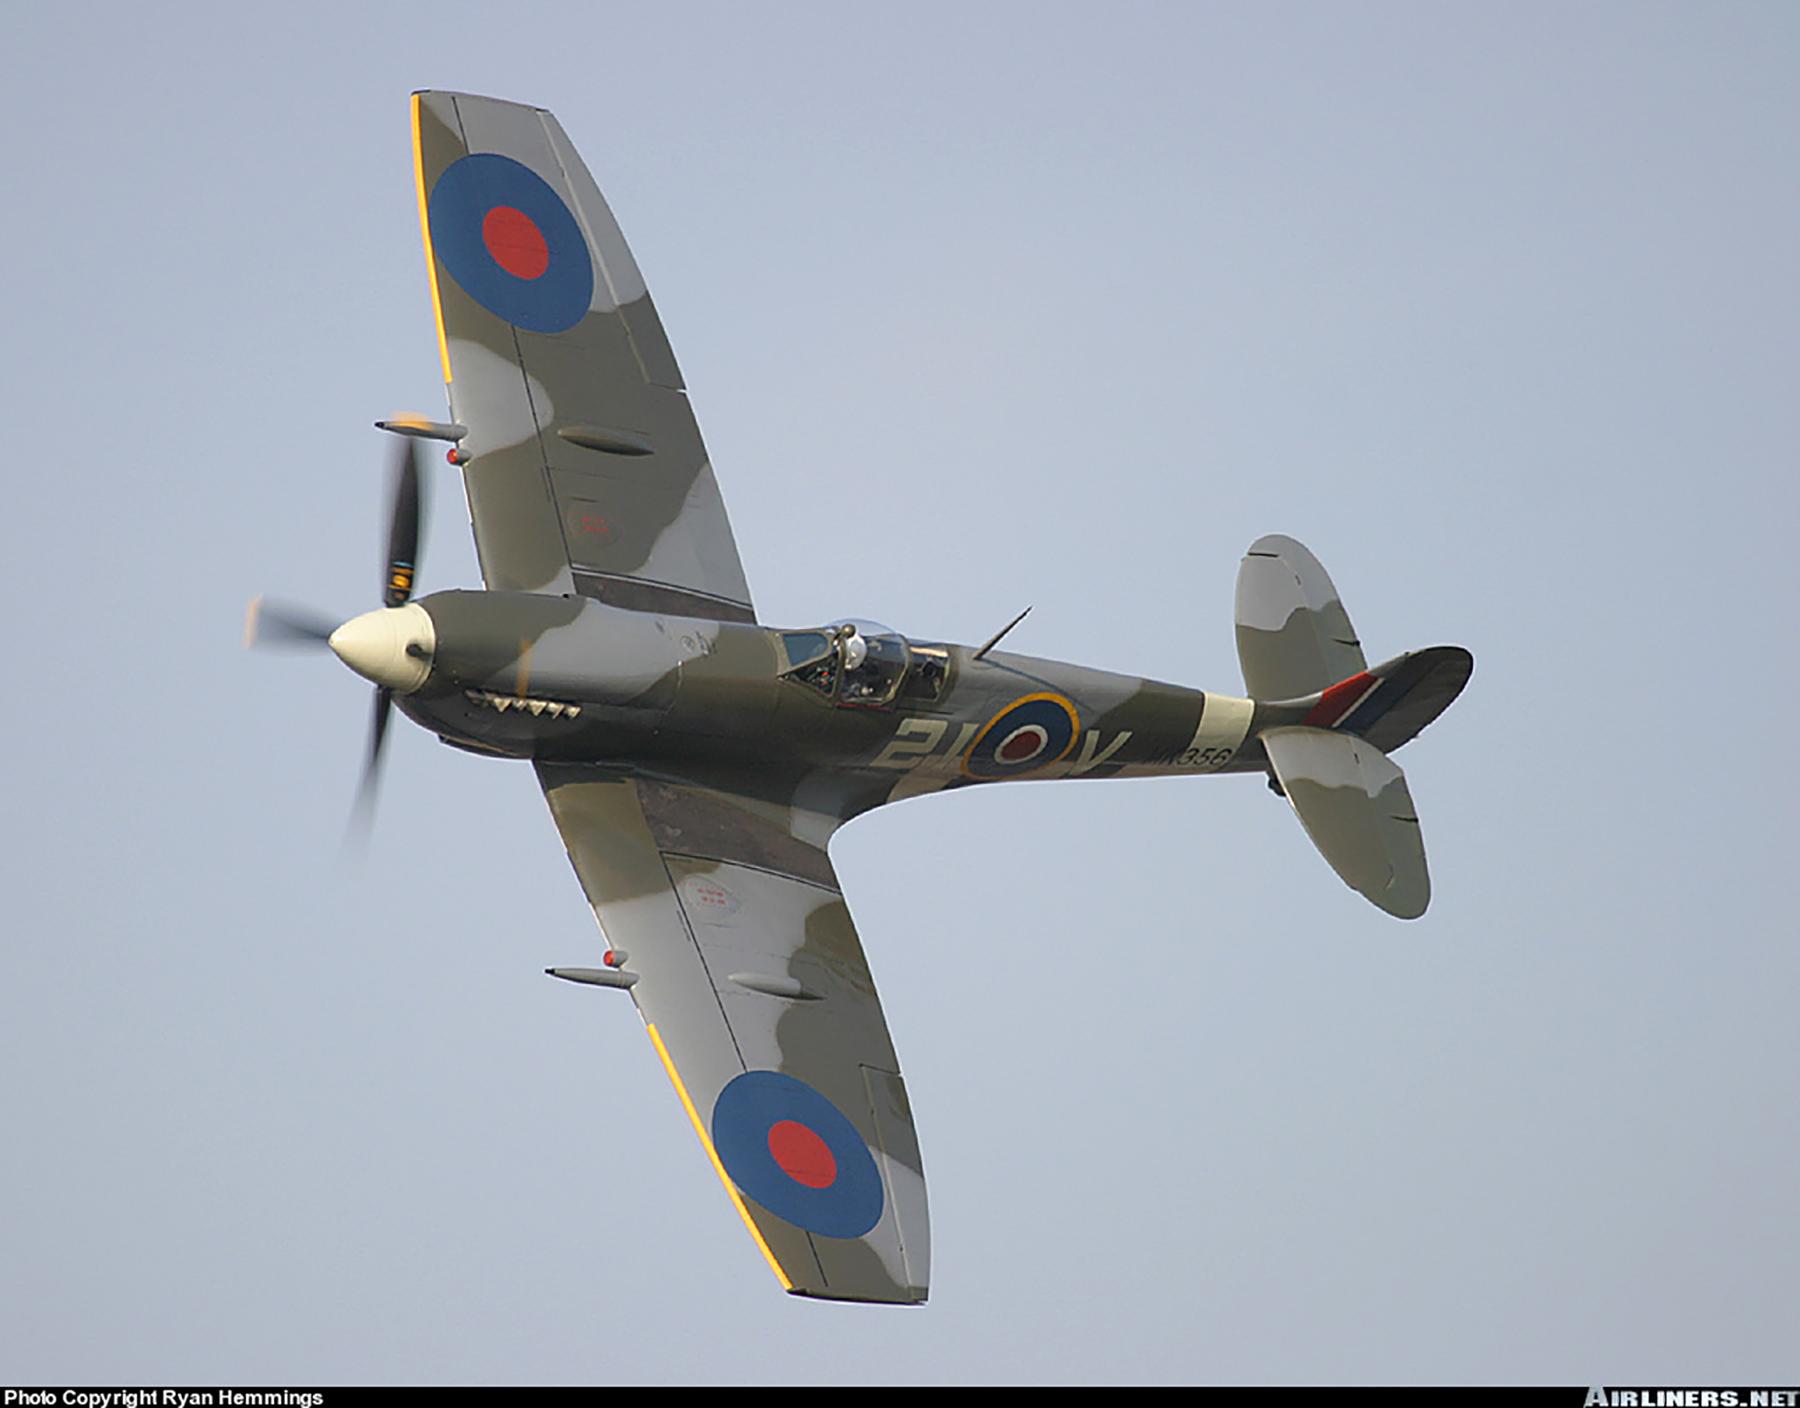 Airworthy Spitfire warbird MkIXe RCAF 443Sqn 2IV MK356 11